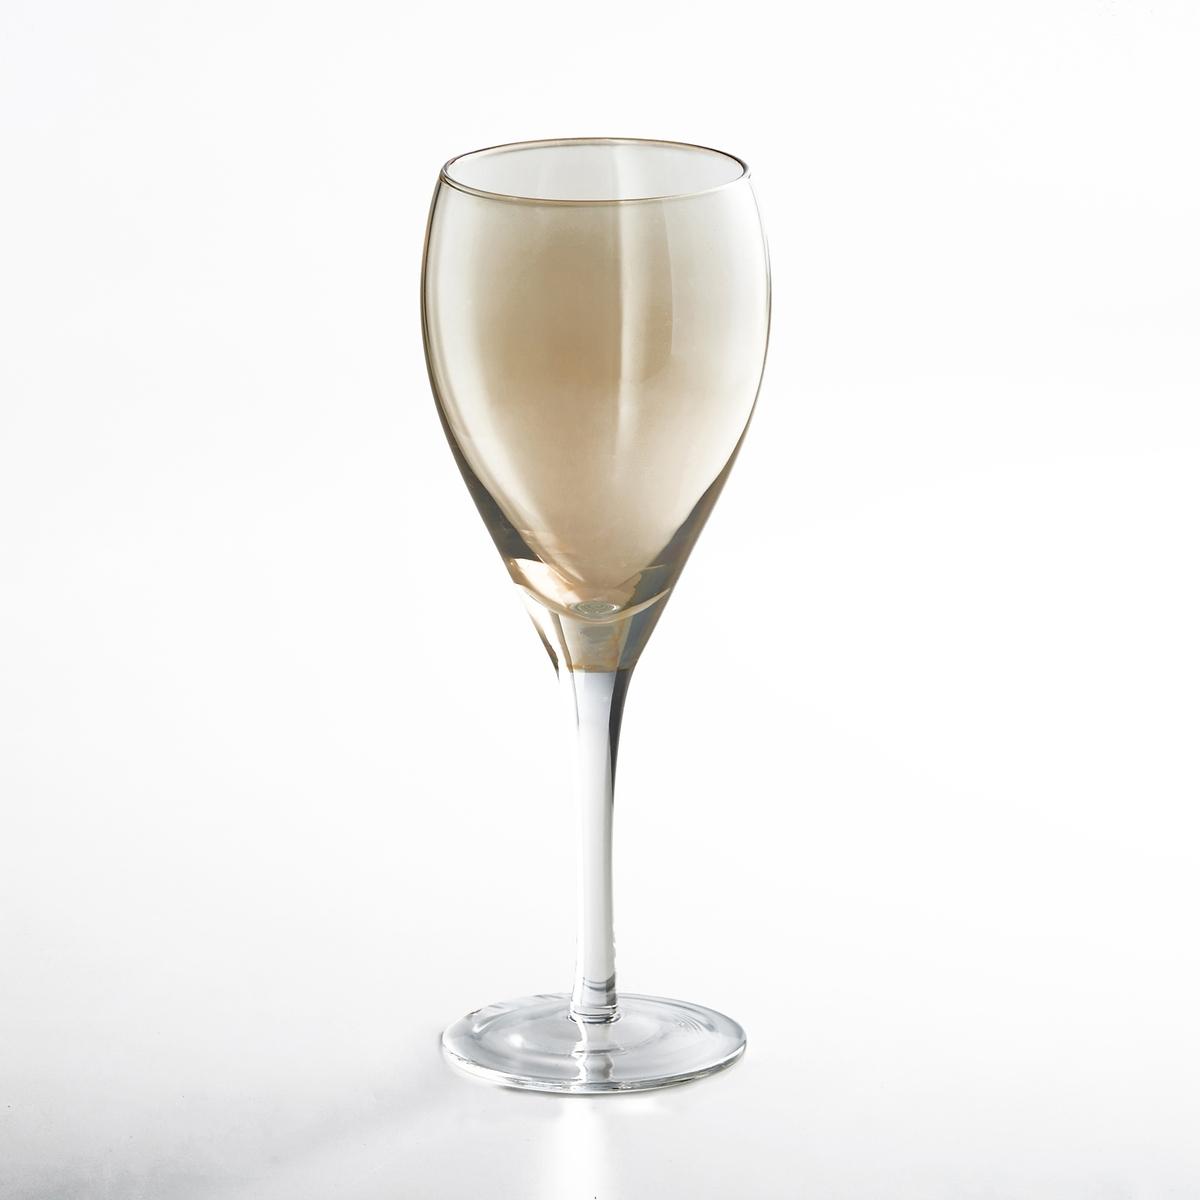 Комплект из 4 бокалов под вино, KOUTINEОписание:4 бокала шабли под белое вино, Koutine, La redoute Int?rieurs . Расширяющиеся у основания и сужающиеся вверху бокалы для вашего любимого вина. Янтарный или темно-серый цвет для создания гармонии оттенков на вашем столе  .Характеристики 4 бокалов под белое вино Koutine : •  Бокалы с ножкой в форме шабли из стекла, выдуваемого ртом •  Диаметр : 8,5 см •  Высота : 22 см •  Ручная стирка •  Продаются в комплекте из 4 бокаловНайдите всю коллекцию Koutine на нашем сайте laredoute.ru<br><br>Цвет: дымчато-серый,янтарь